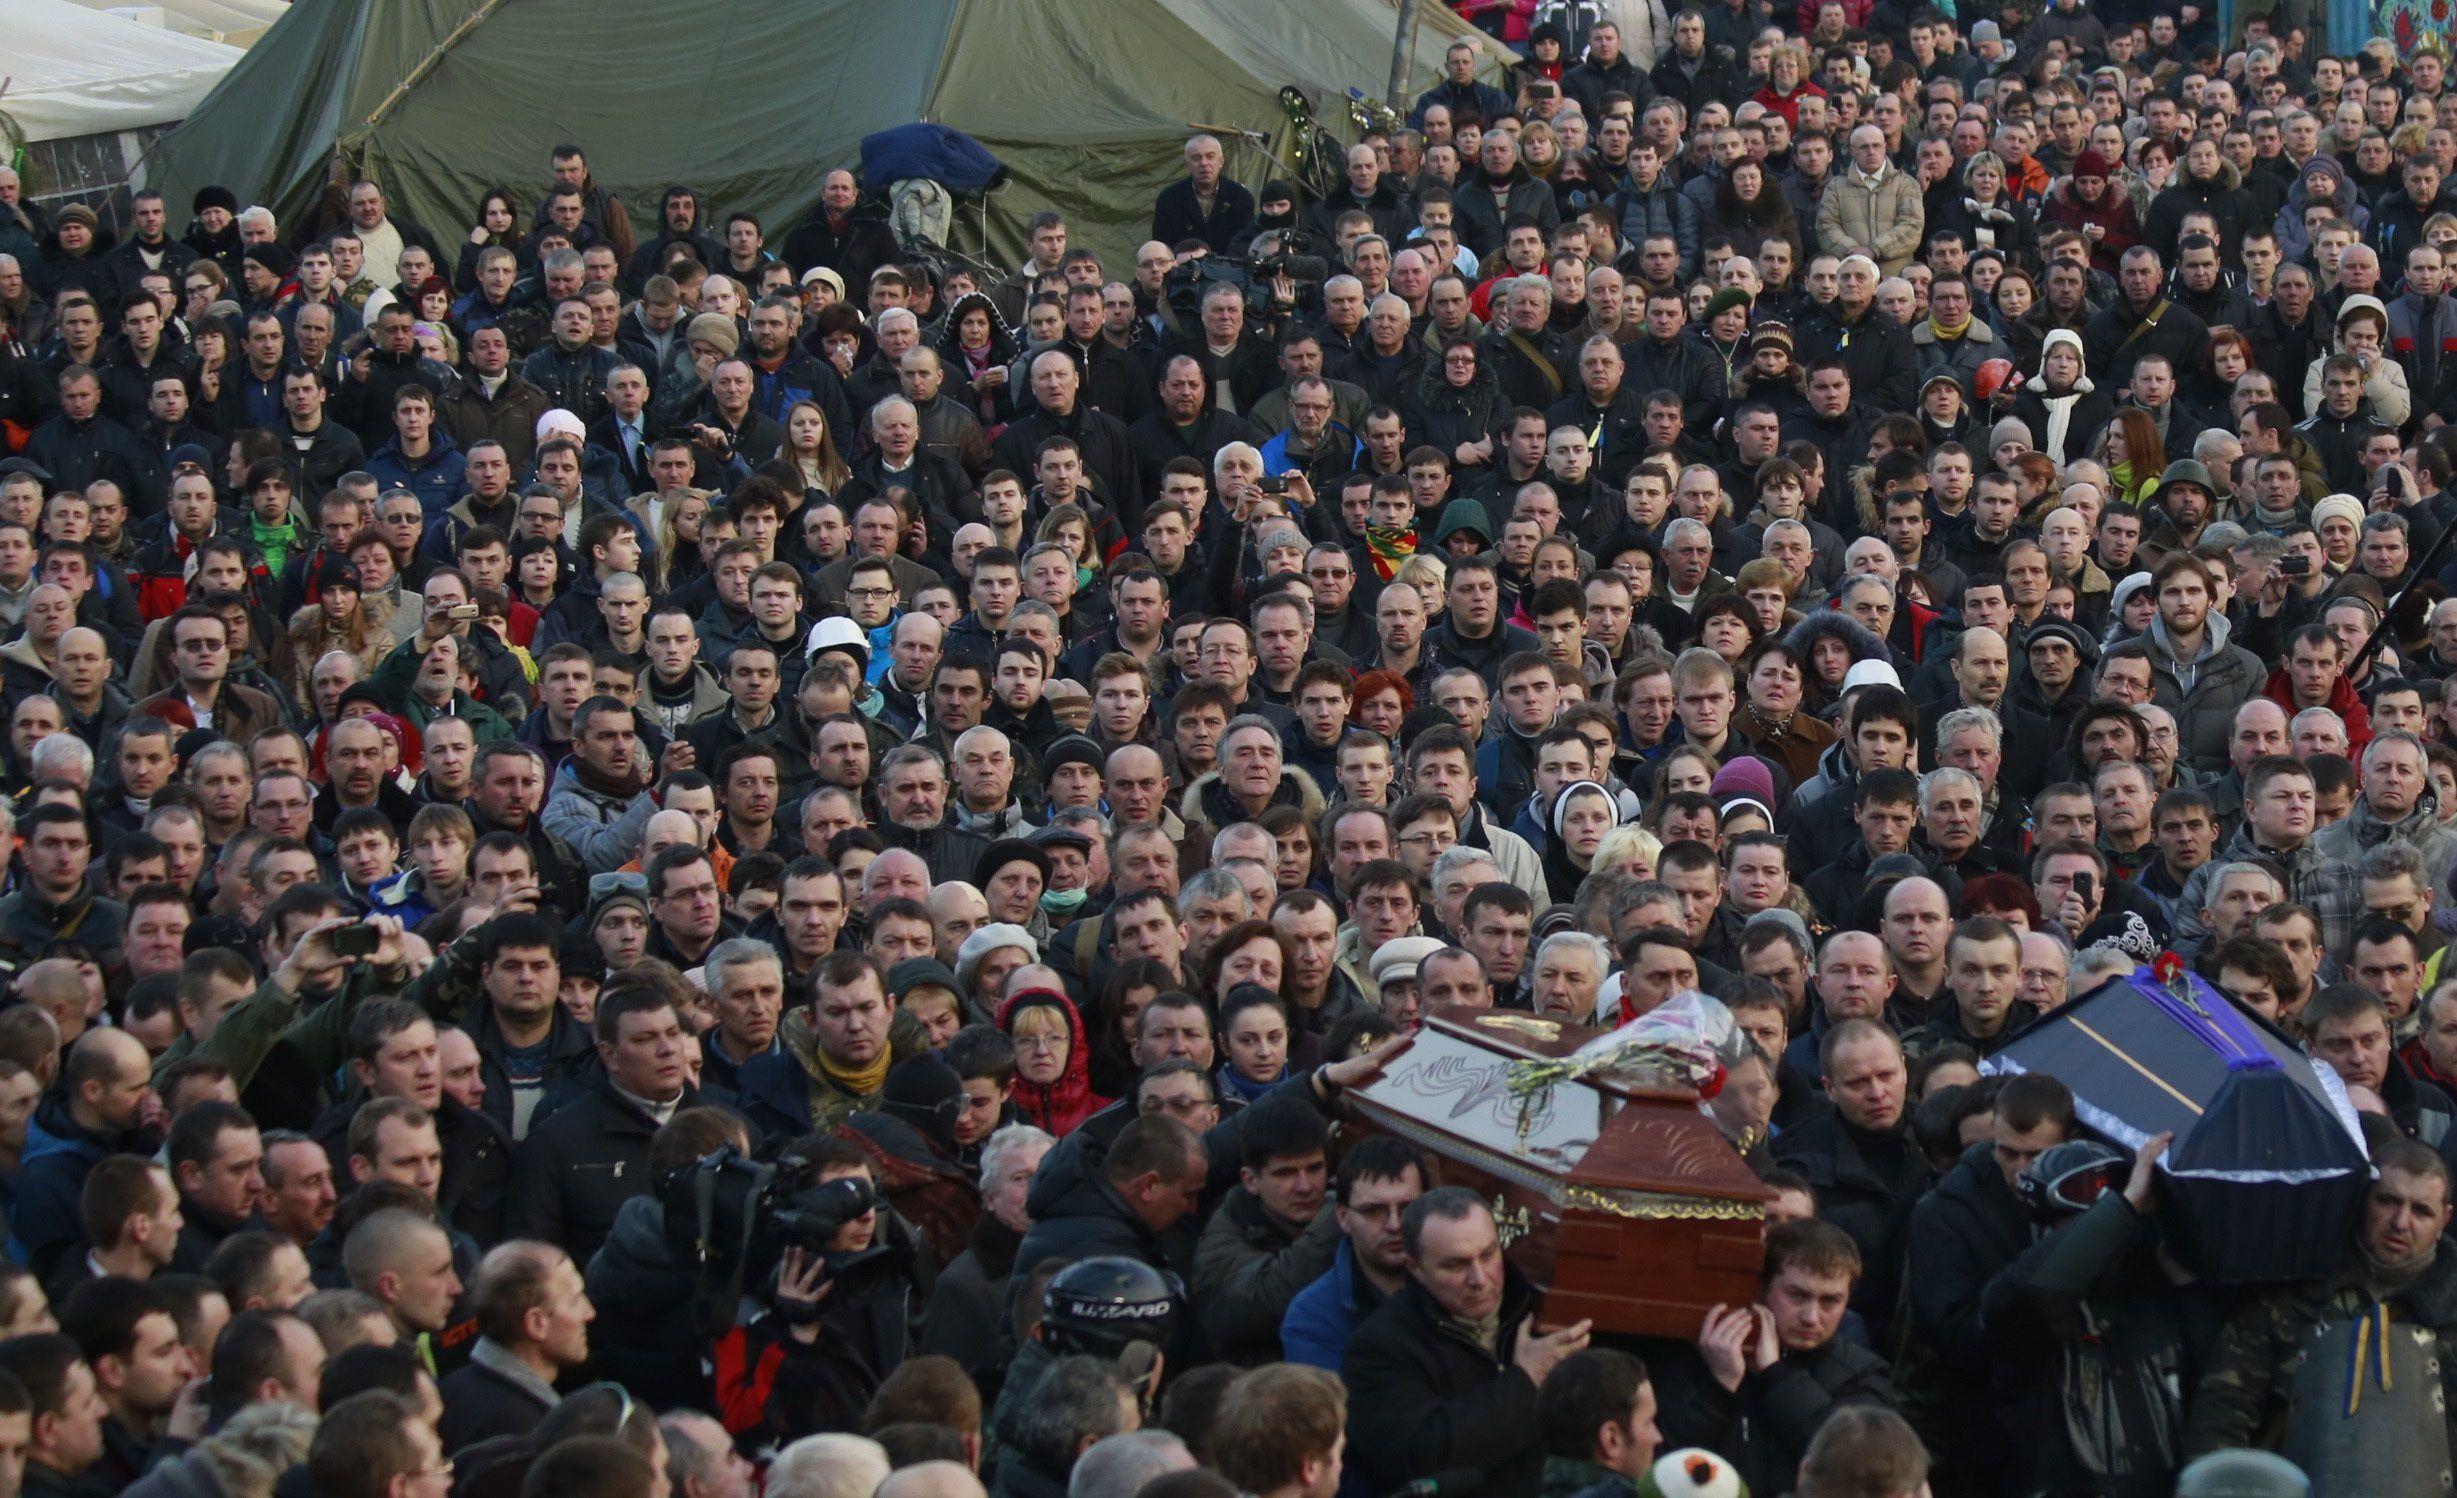 """На Майдане попрощались с погибшими: убитых активистов хоронили под крики """"Герой"""""""